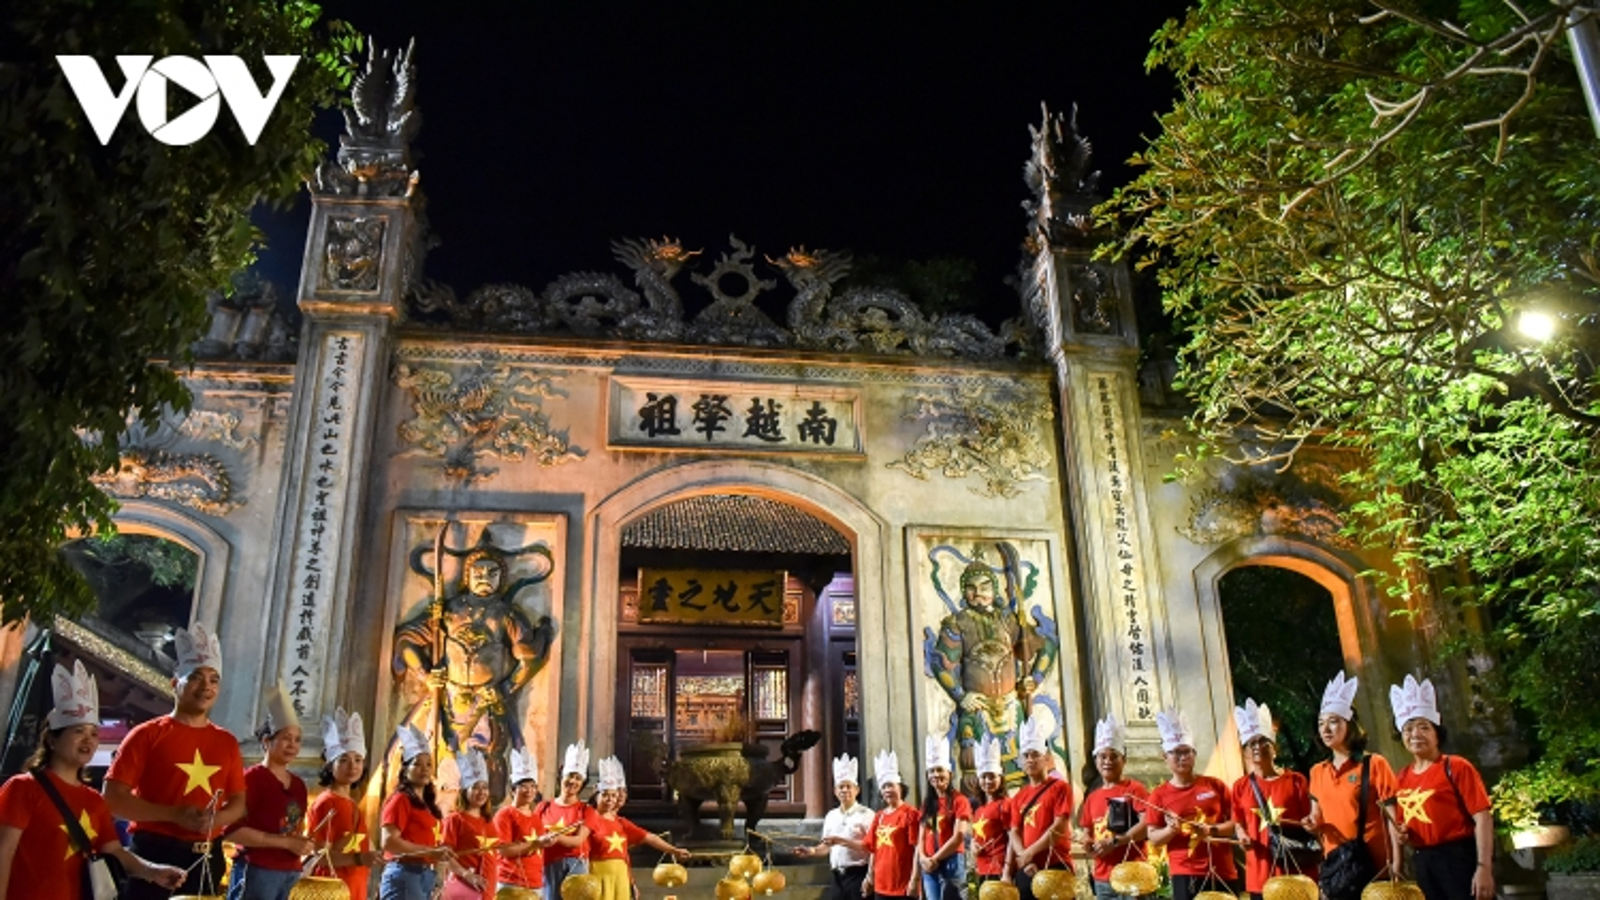 Đền Hùng đón khách tham quan ban đêm